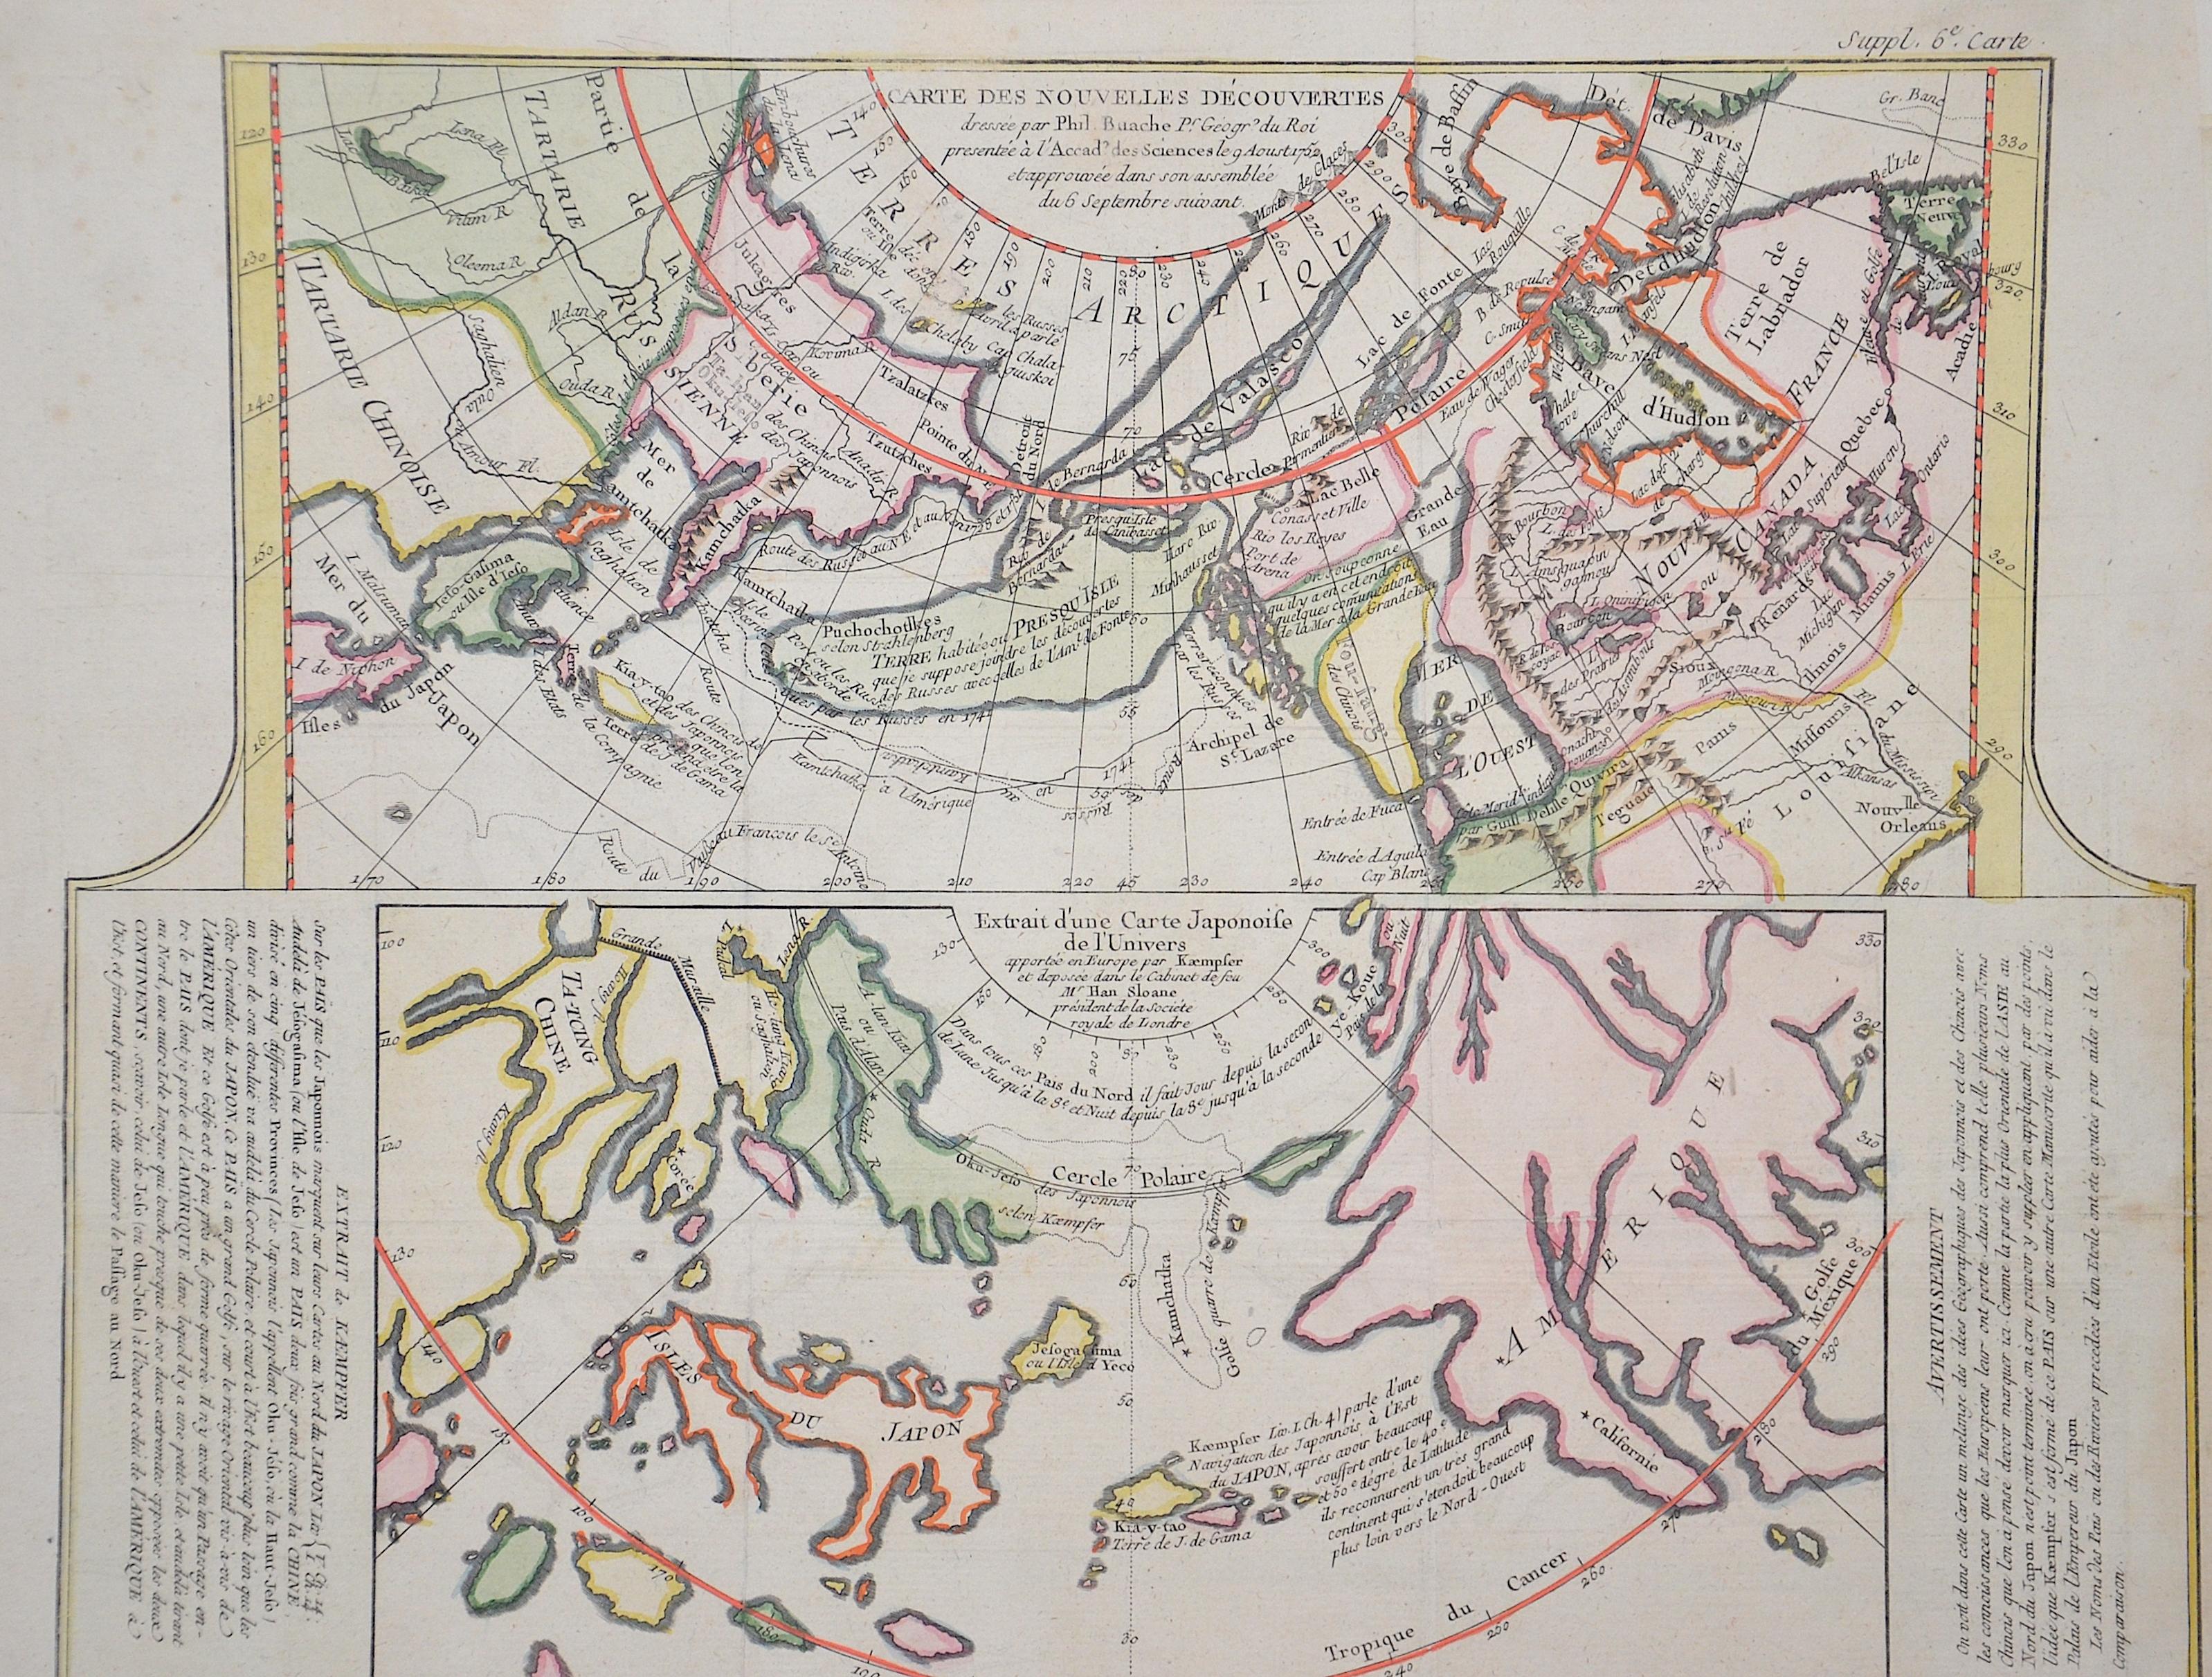 Vaugondy,de  Carte des nouvelles decouverts …/Extrait d´une carte Japonoise de l´universe…